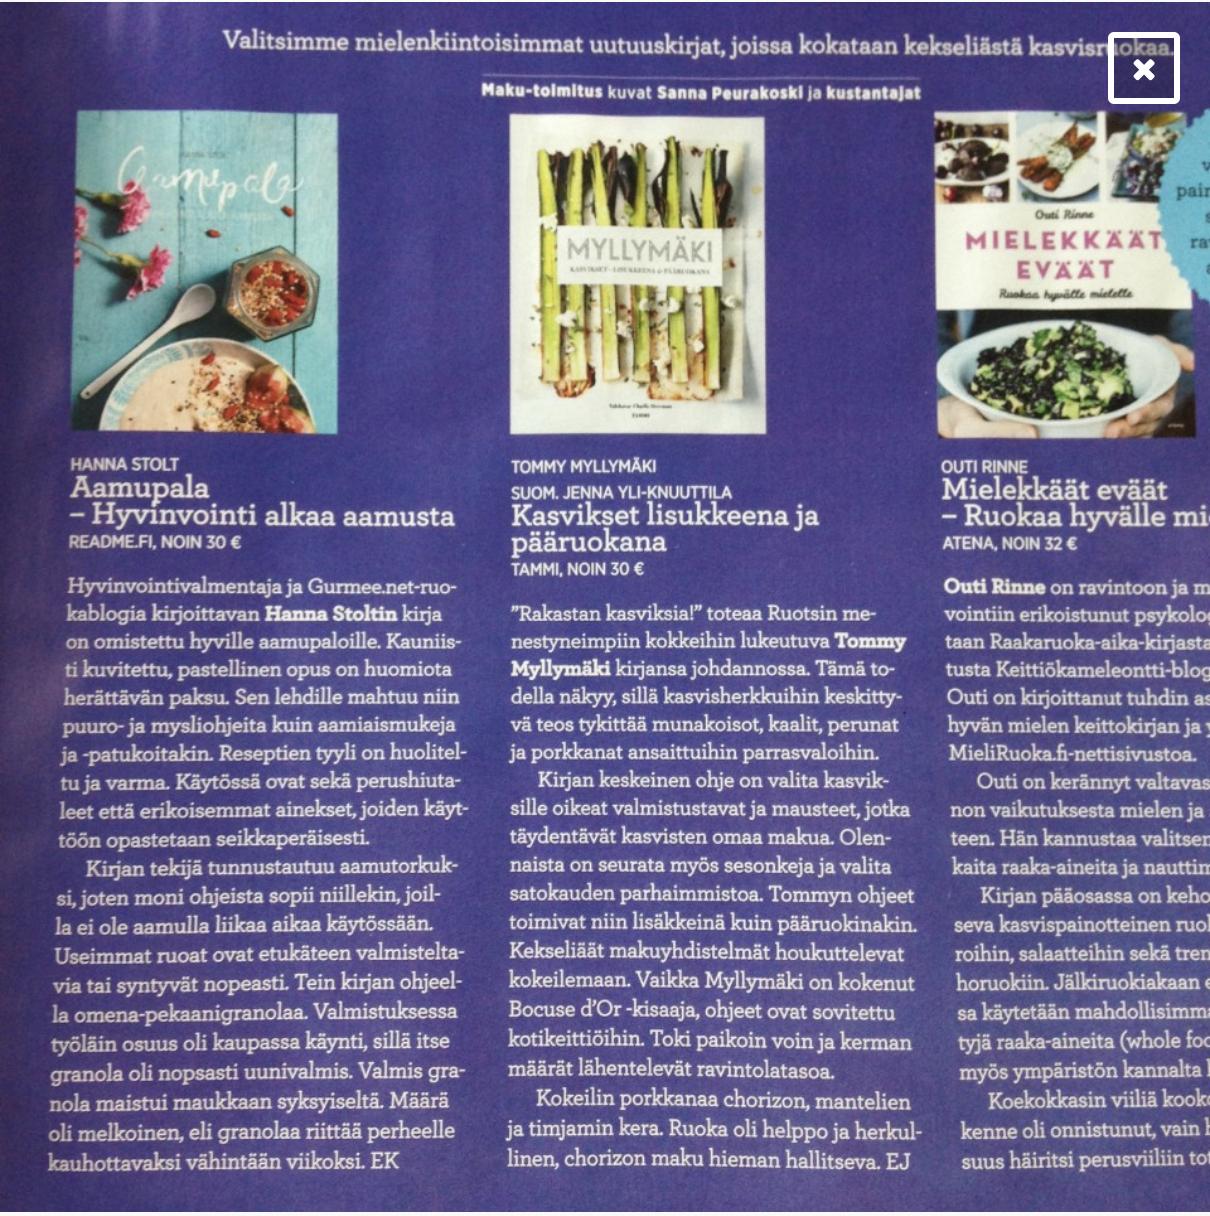 """Mielenkiintoisimmat uutuuskirjat - """"Valitsimme mielenkiintoisimmat uutuuskirjat, joissa kokataan kekseliästä kasvisruokaa. […]Hyvinvointivalmentaja ja Gurmee.net-ruokablogia kirjoittavan Hanna Stoltin kirja on omistettu hyville aamupaloille. Kauniisti kuvitettu, pastellinen opus on huomiota herättävän paksu. Sen lehdille mahtuu niin puuro- ja mysliohjeita kuin aamiaismukeja ja -patukoitakin. Reseptien tyyli on huoliteltu ja varma. Käytössä ovat sekä perushiutaleet että erikoisemmat ainekset, joiden käyttöön opastetaan seikkaperäisesti.Kirjan tekijä tunnustautuu aamutorkuksi, joten moni ohjeista sopii niillekin, joilla ei ole aamulla liikaa aikaa käytössään. Useimmat ruoat ovat etukäteen valmisteltavia tai syntyvät nopeasti. …""""MAKU-LEHTI, 5/2015"""